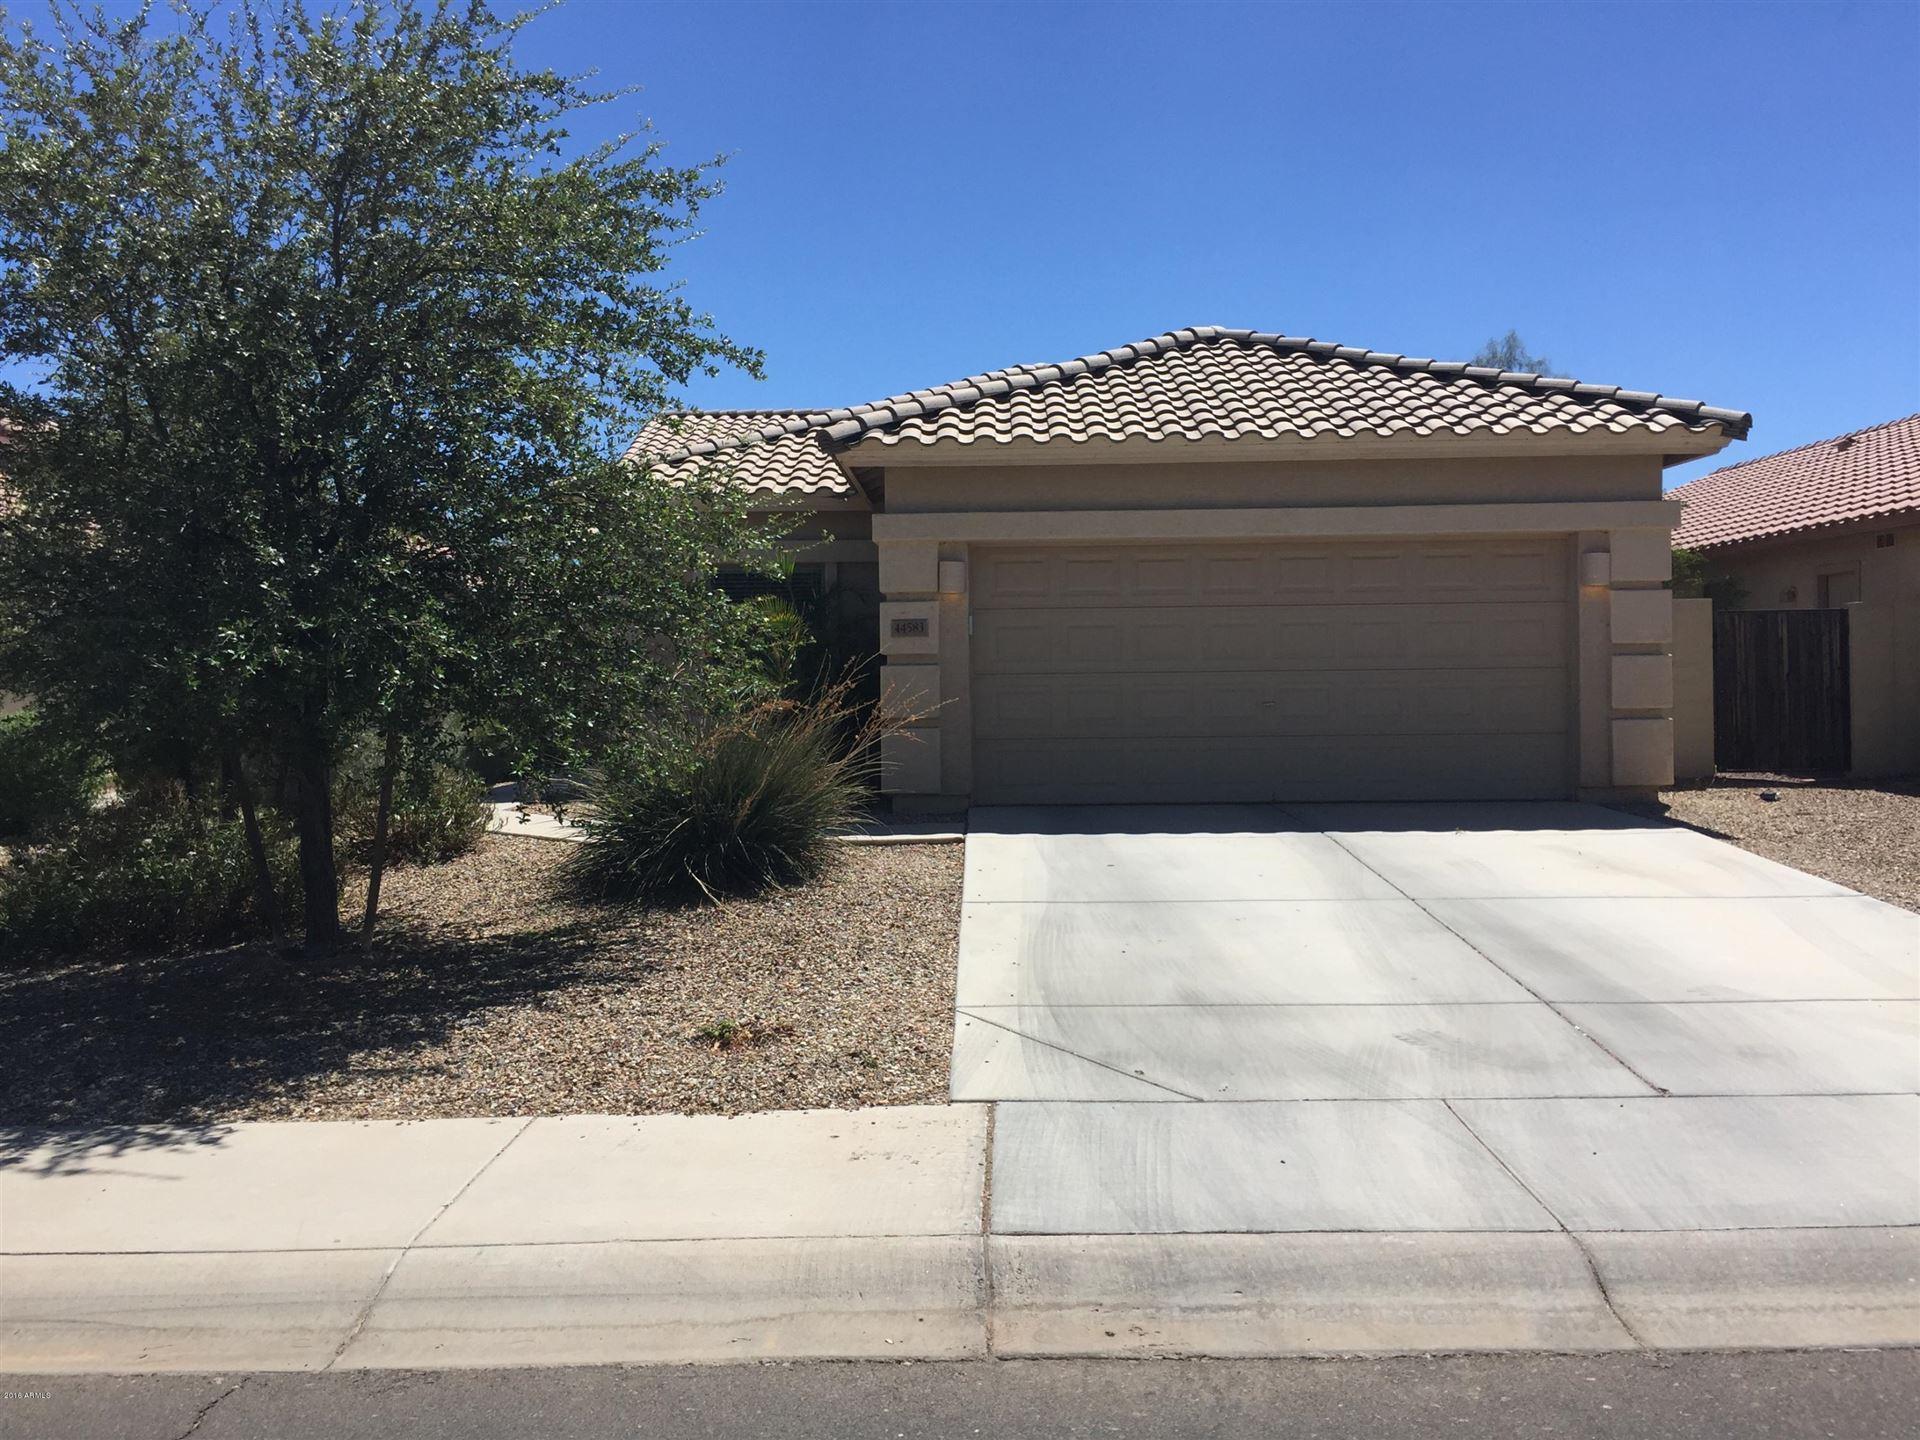 Photo for 44583 W WINDROSE Drive, Maricopa, AZ 85138 (MLS # 6259688)